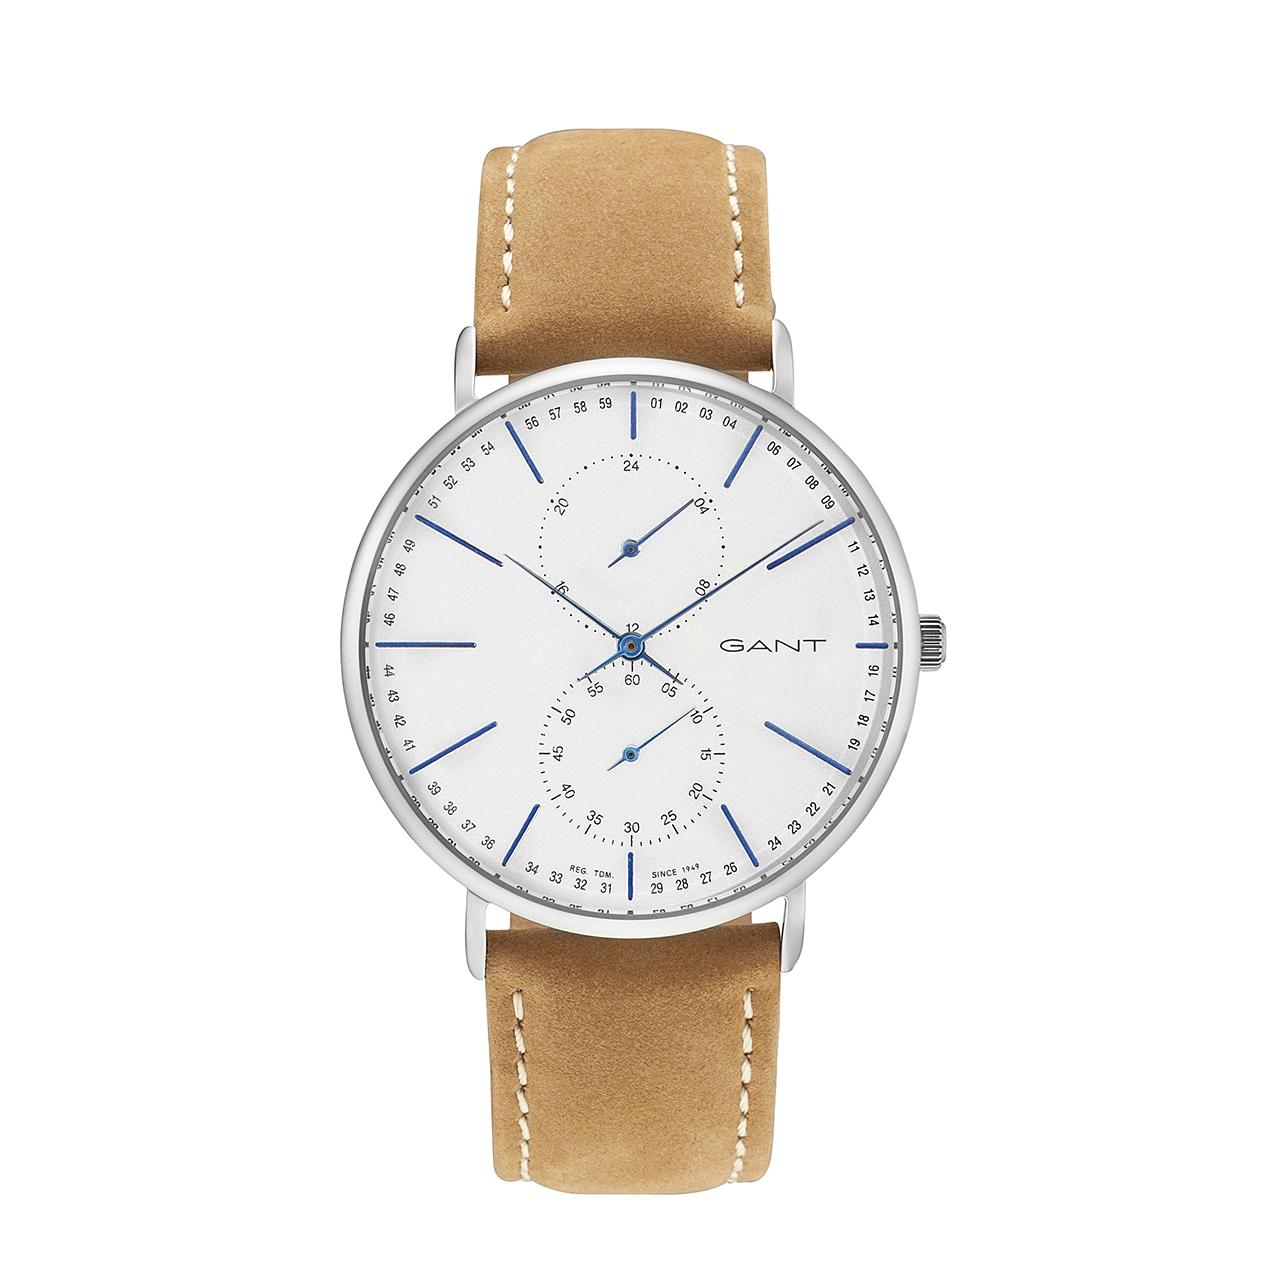 ساعت مچی عقربه ای مردانه گنت مدل GW036004